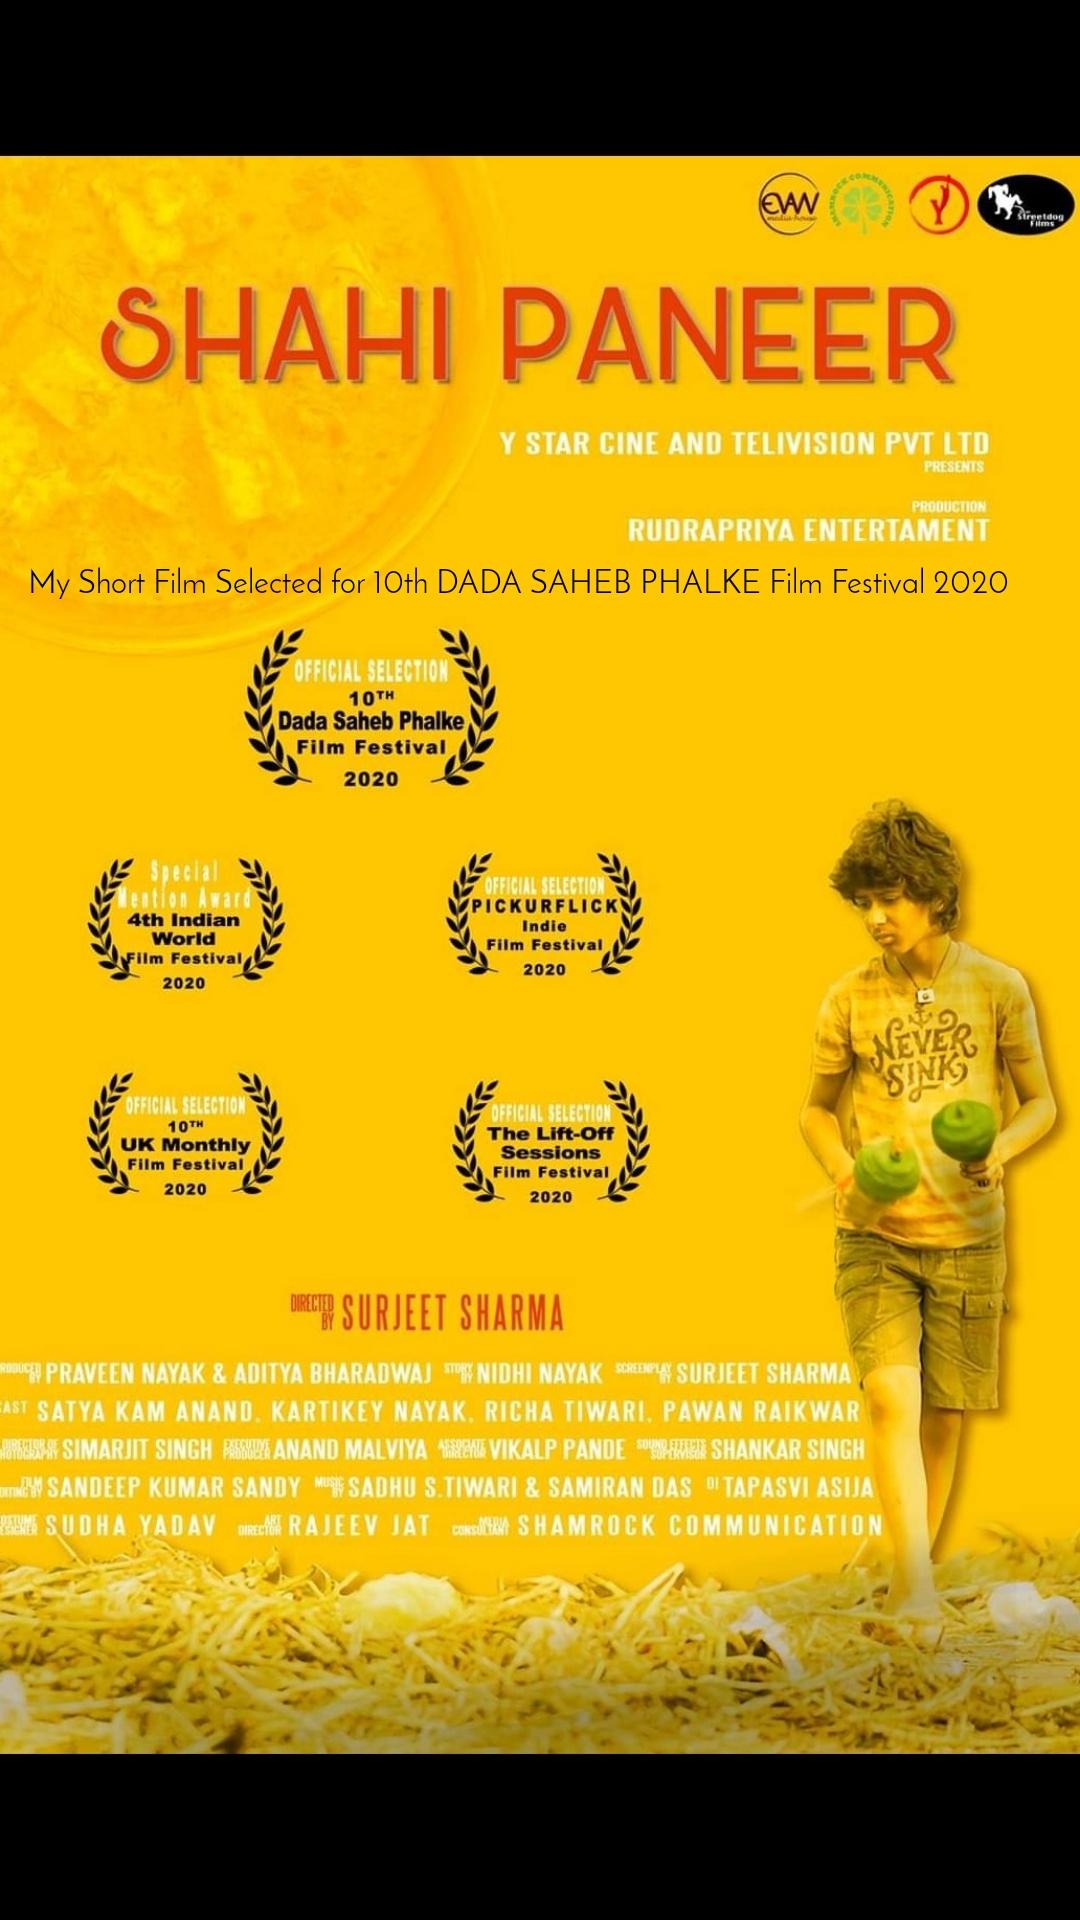 My Short Film Selected for 10th DADA SAHEB PHALKE Film Festival 2020